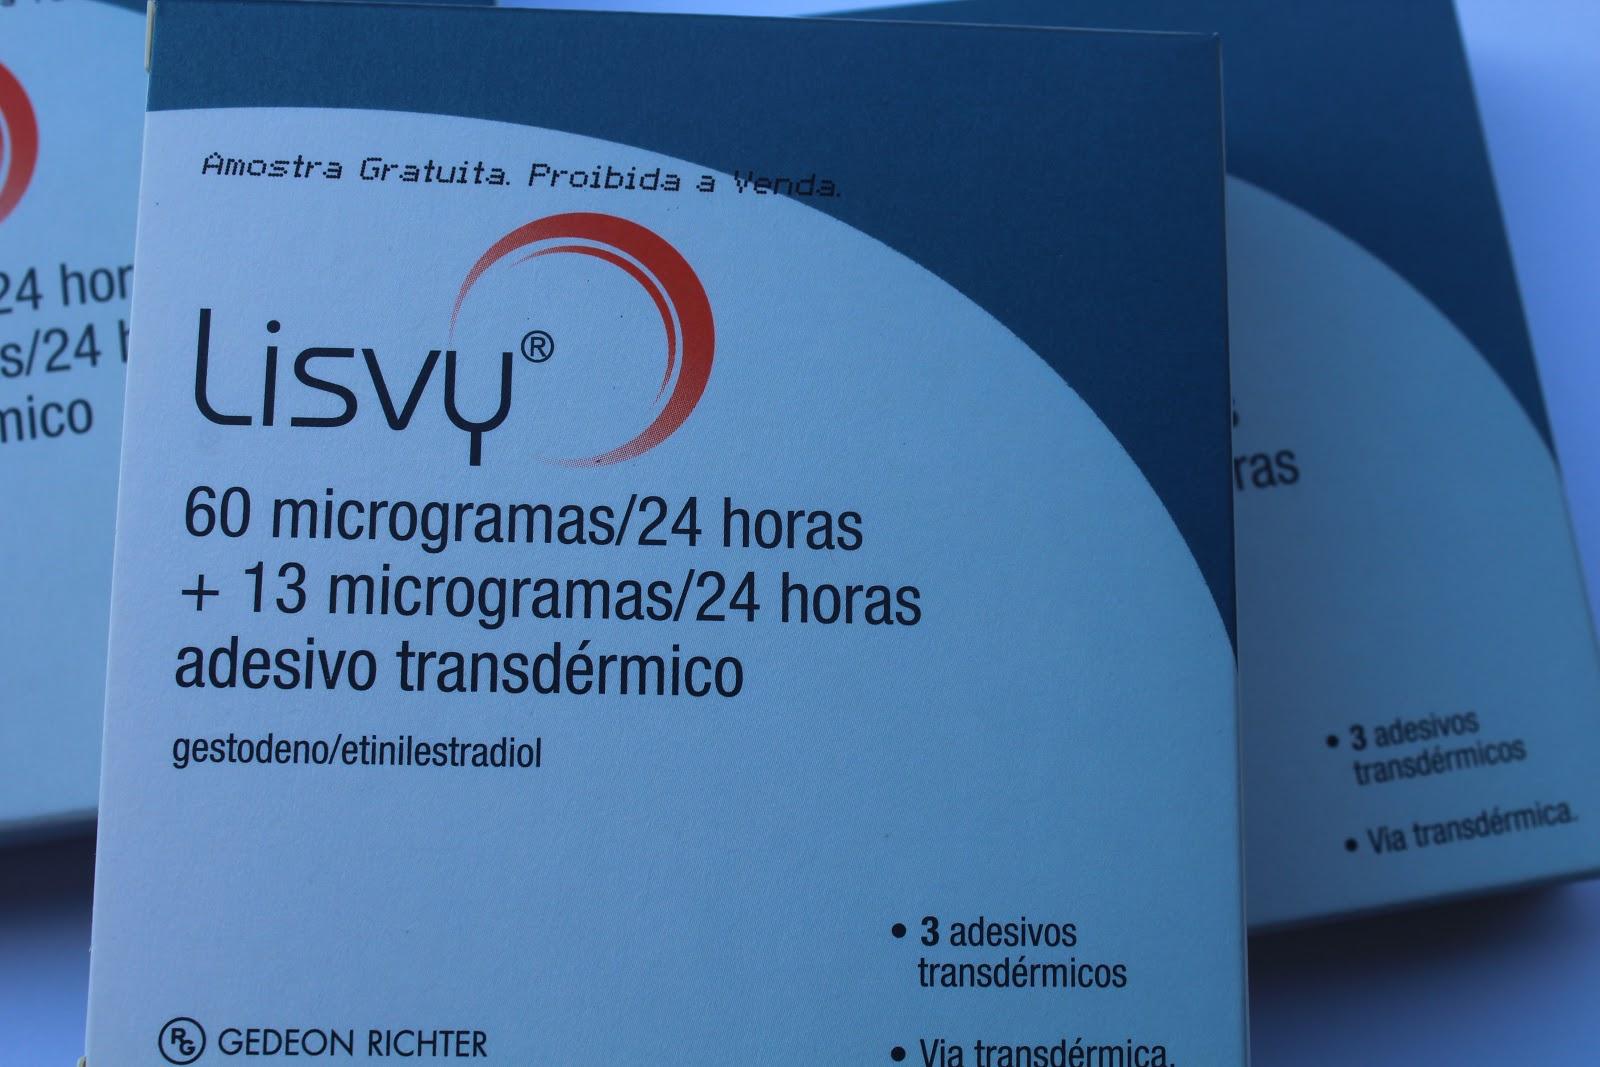 Adesivo Anticoncepcional Evra ~ Vantagens e desvantagens do adesivo hormonal lisvy